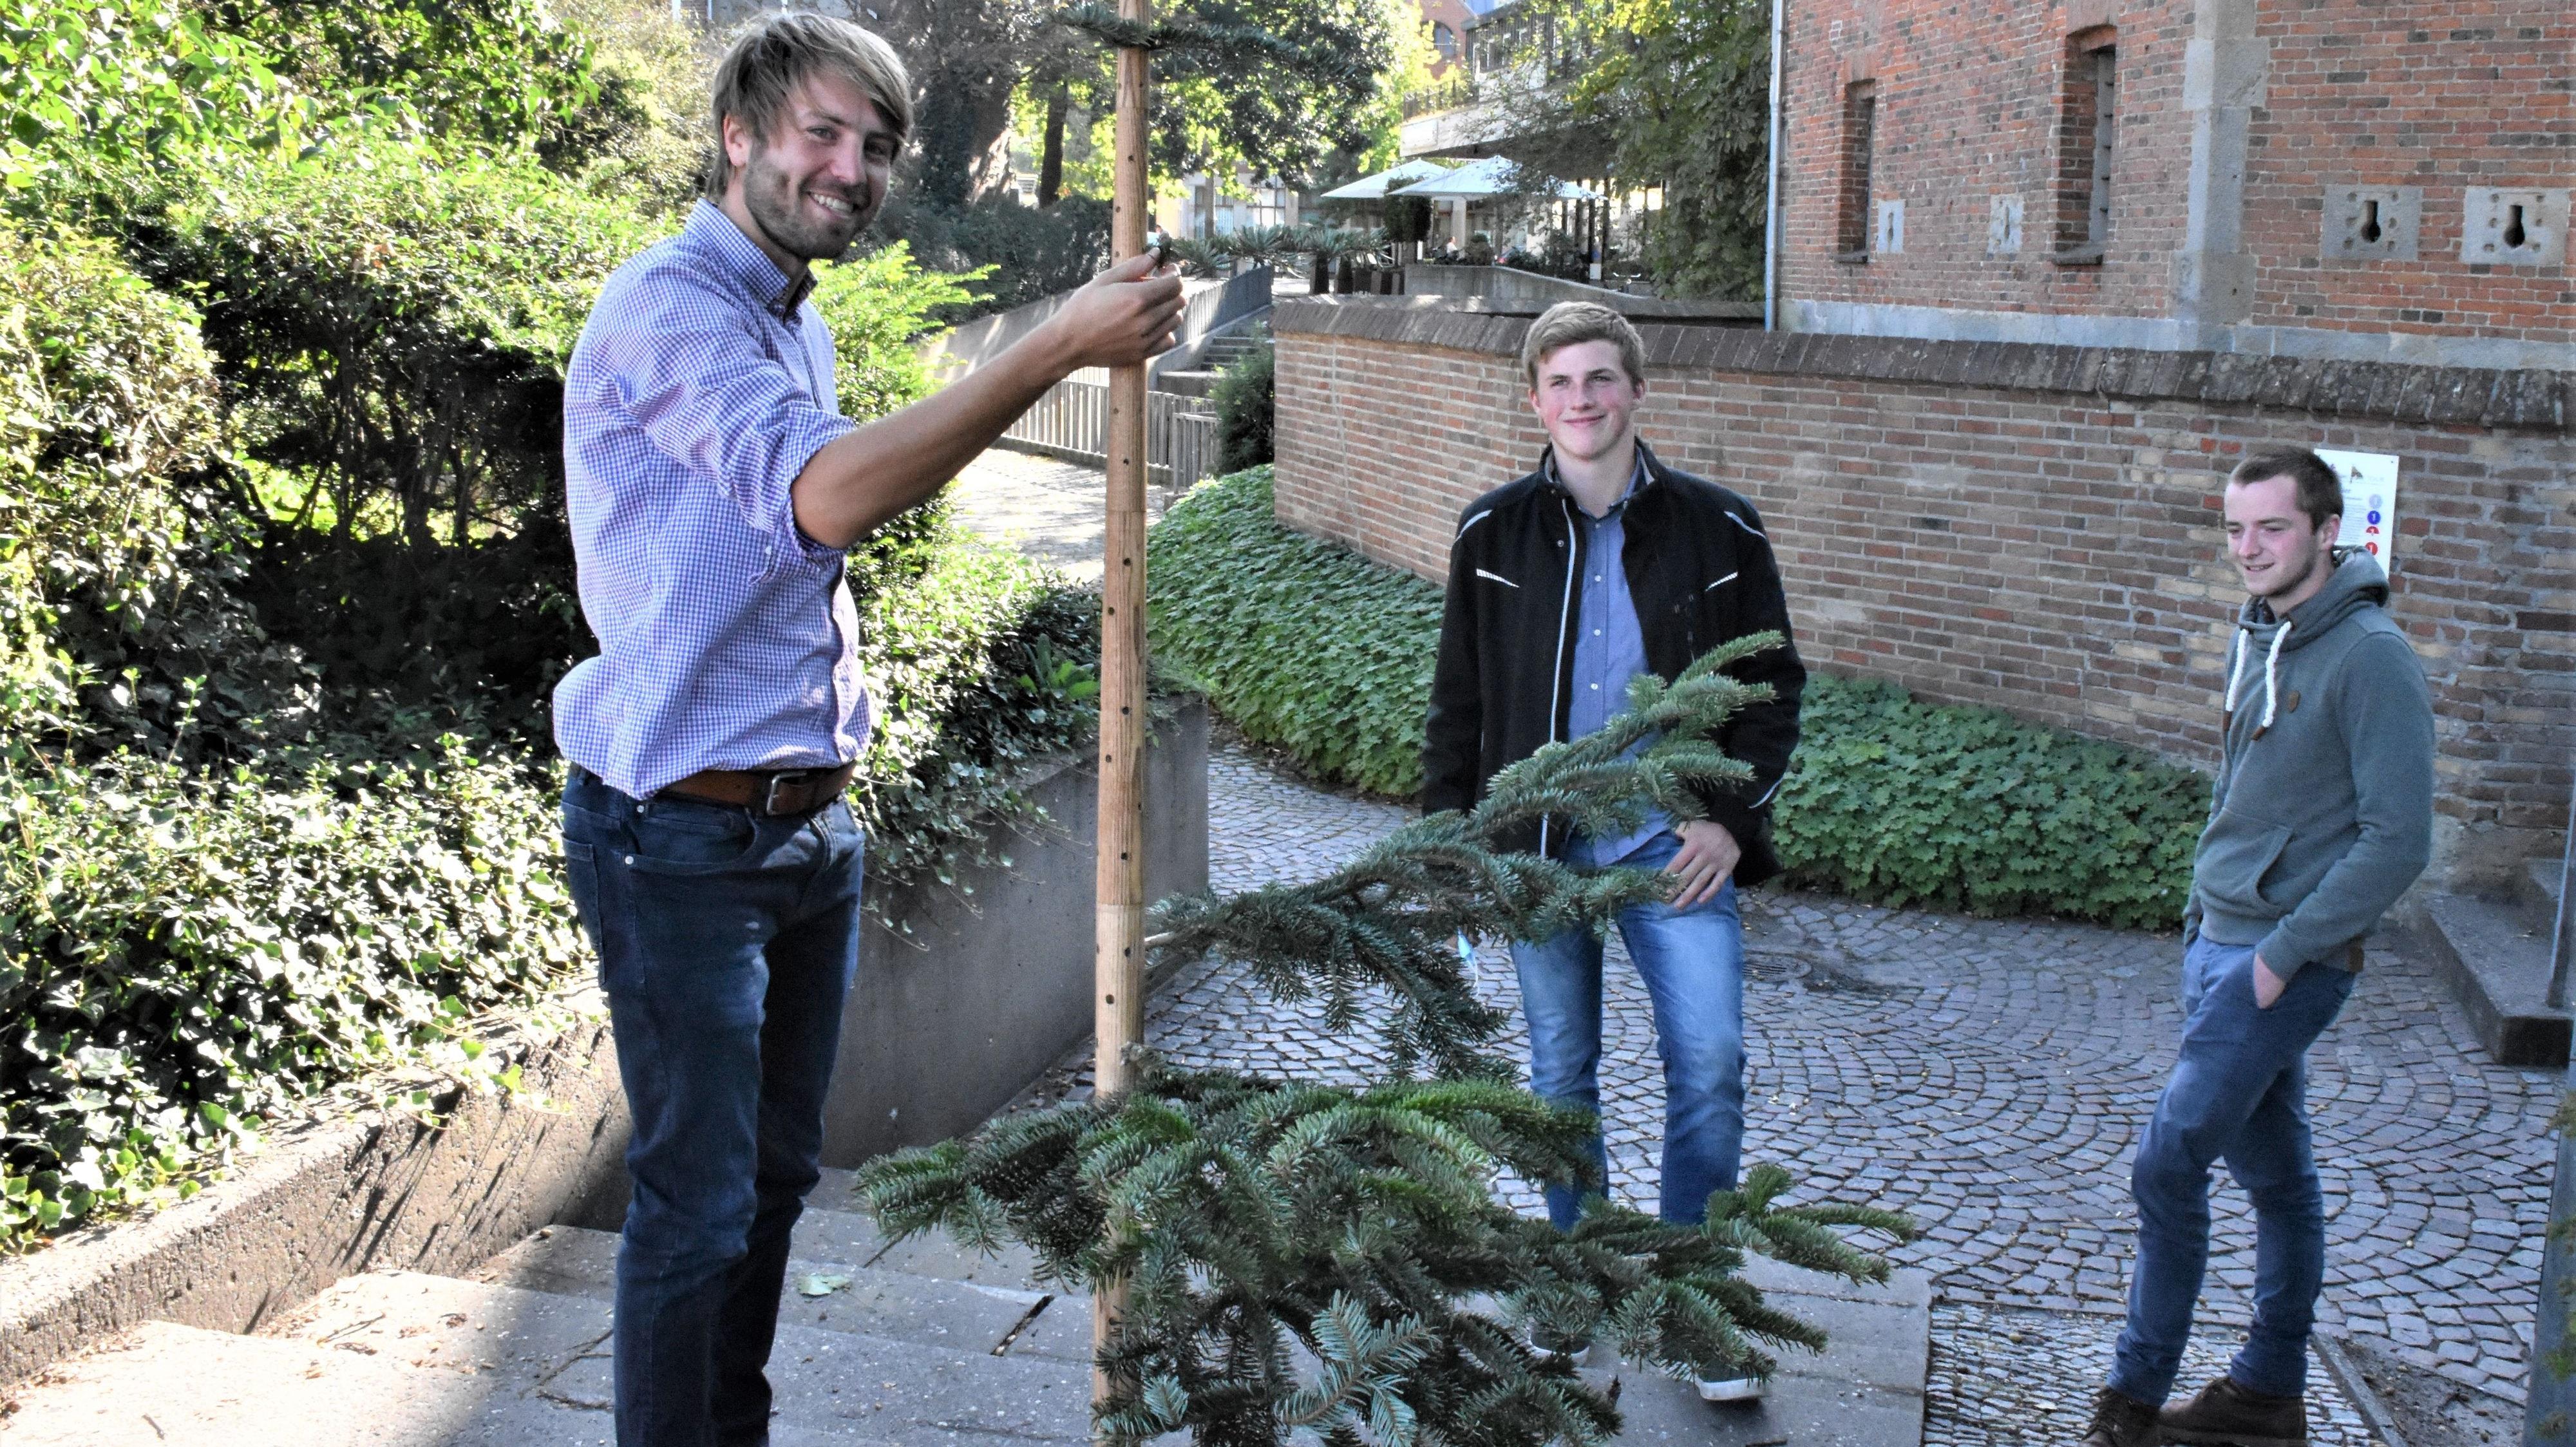 """Schon beim Probeaufbau des """"Keinachtsbaumes"""" durch Sven Lake (links) am Kaponier in Vechta fanden sich interessierte Beobachter. Foto: Kühn"""